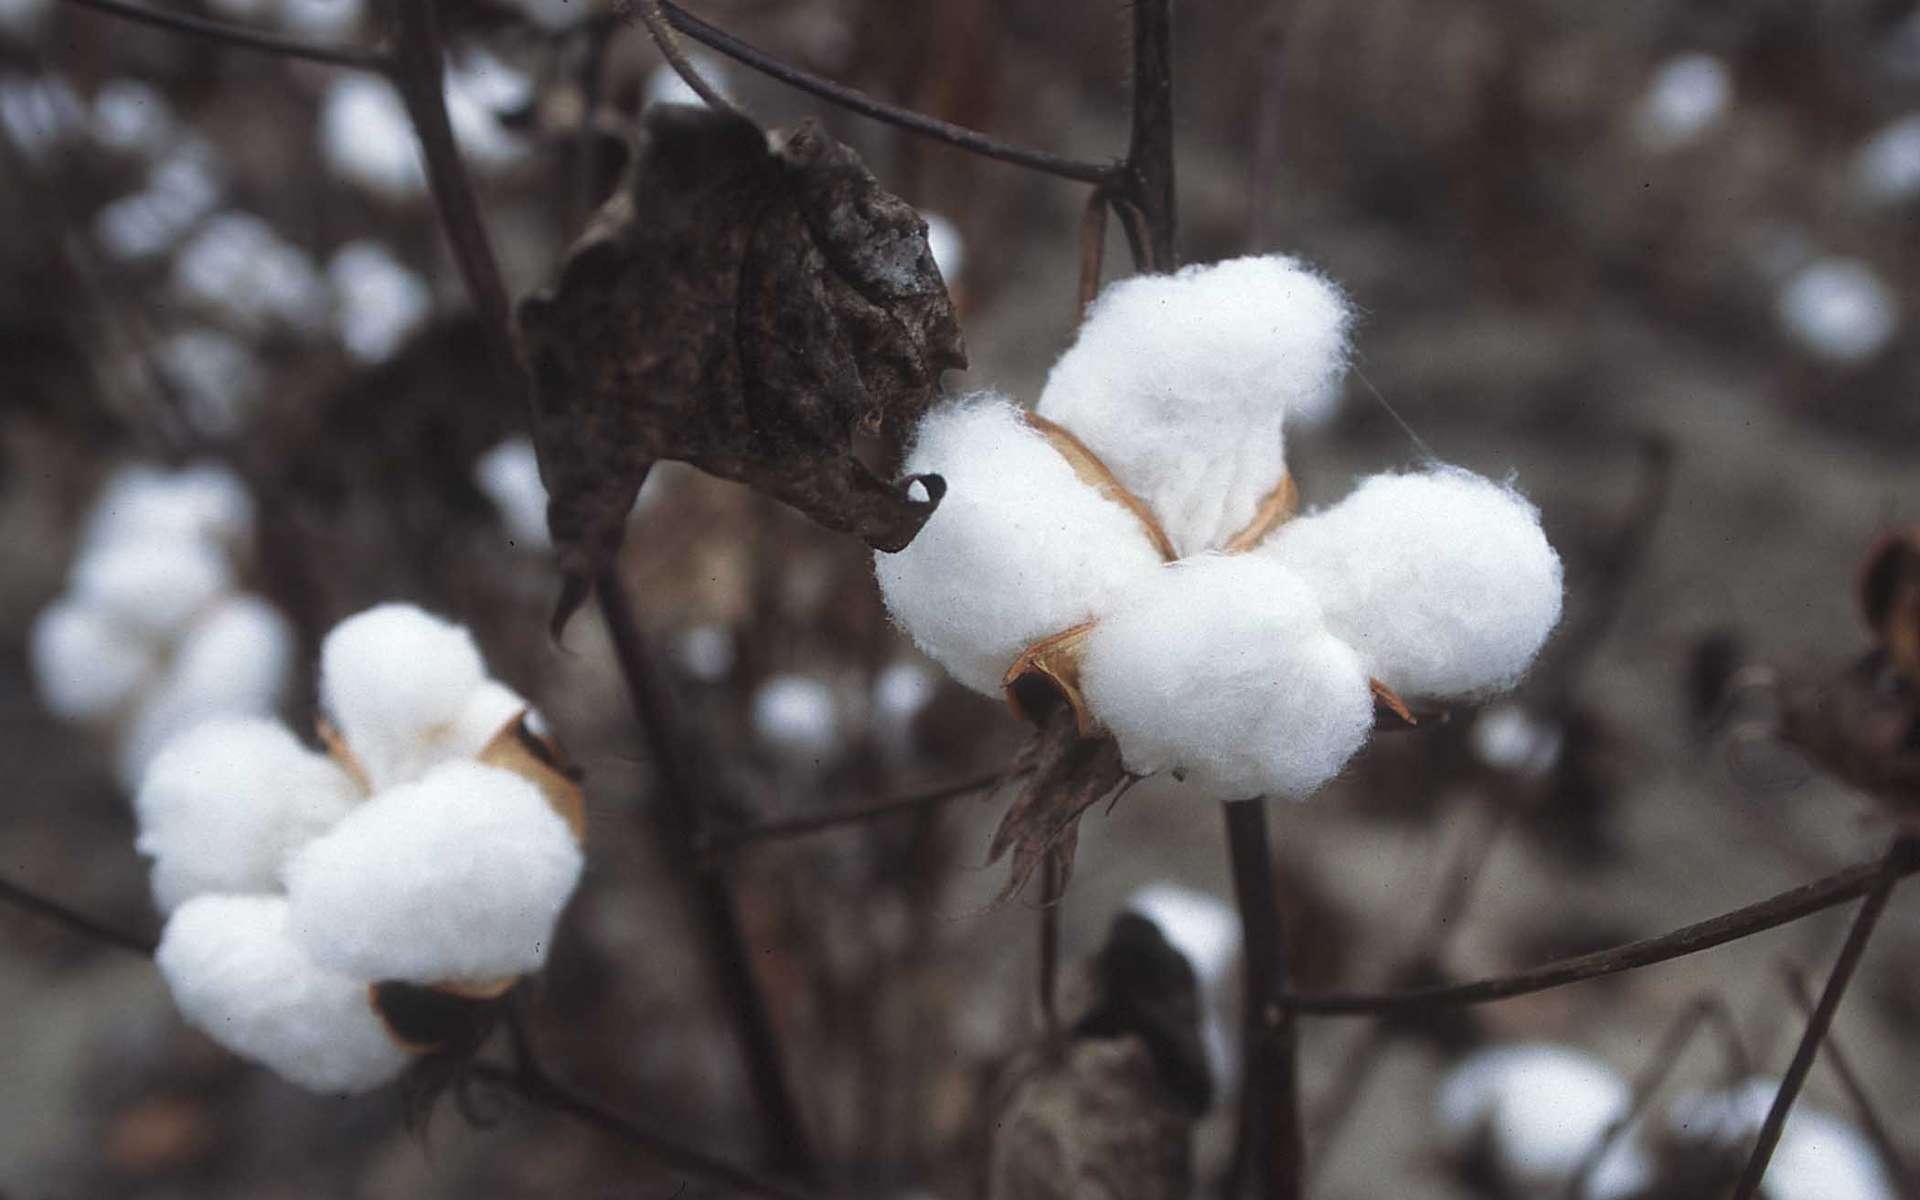 Fleurs de coton prêtes pour la récolte. La culture intensive du coton réclame beaucoup d'eau et de pesticides. La culture biologique se veut plus respectueuse de l'environnement et des travailleurs du coton. © United States Department of Agriculture, Wikimedia Commons, DP